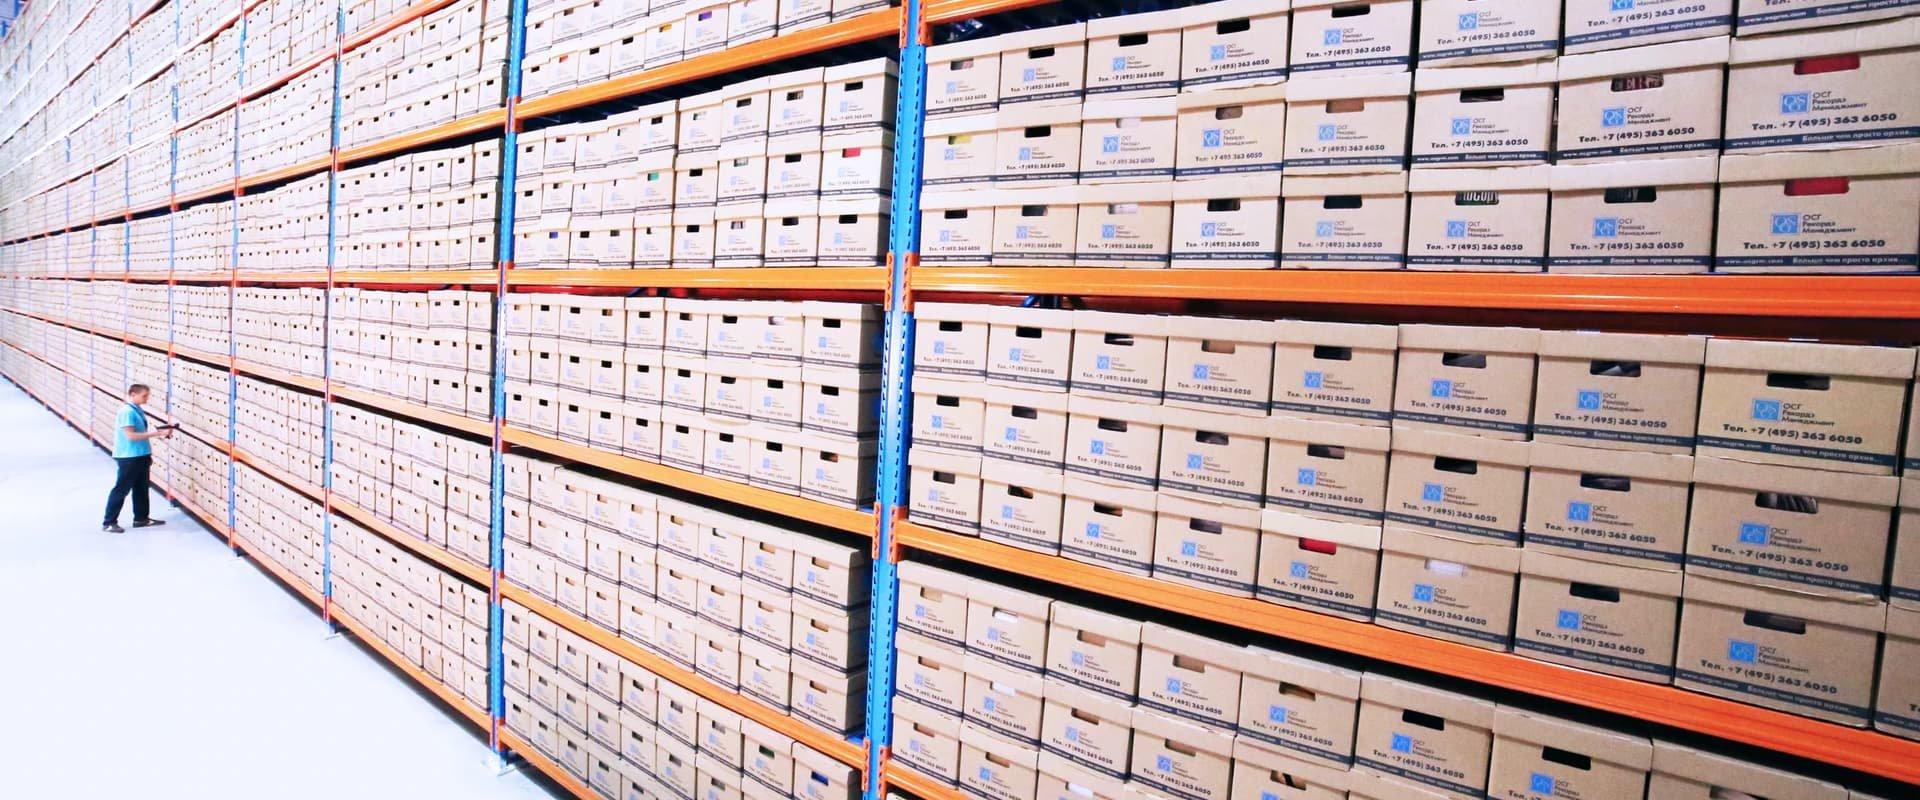 Warehouse Management für Digitalisierung im Textilgroßhandel